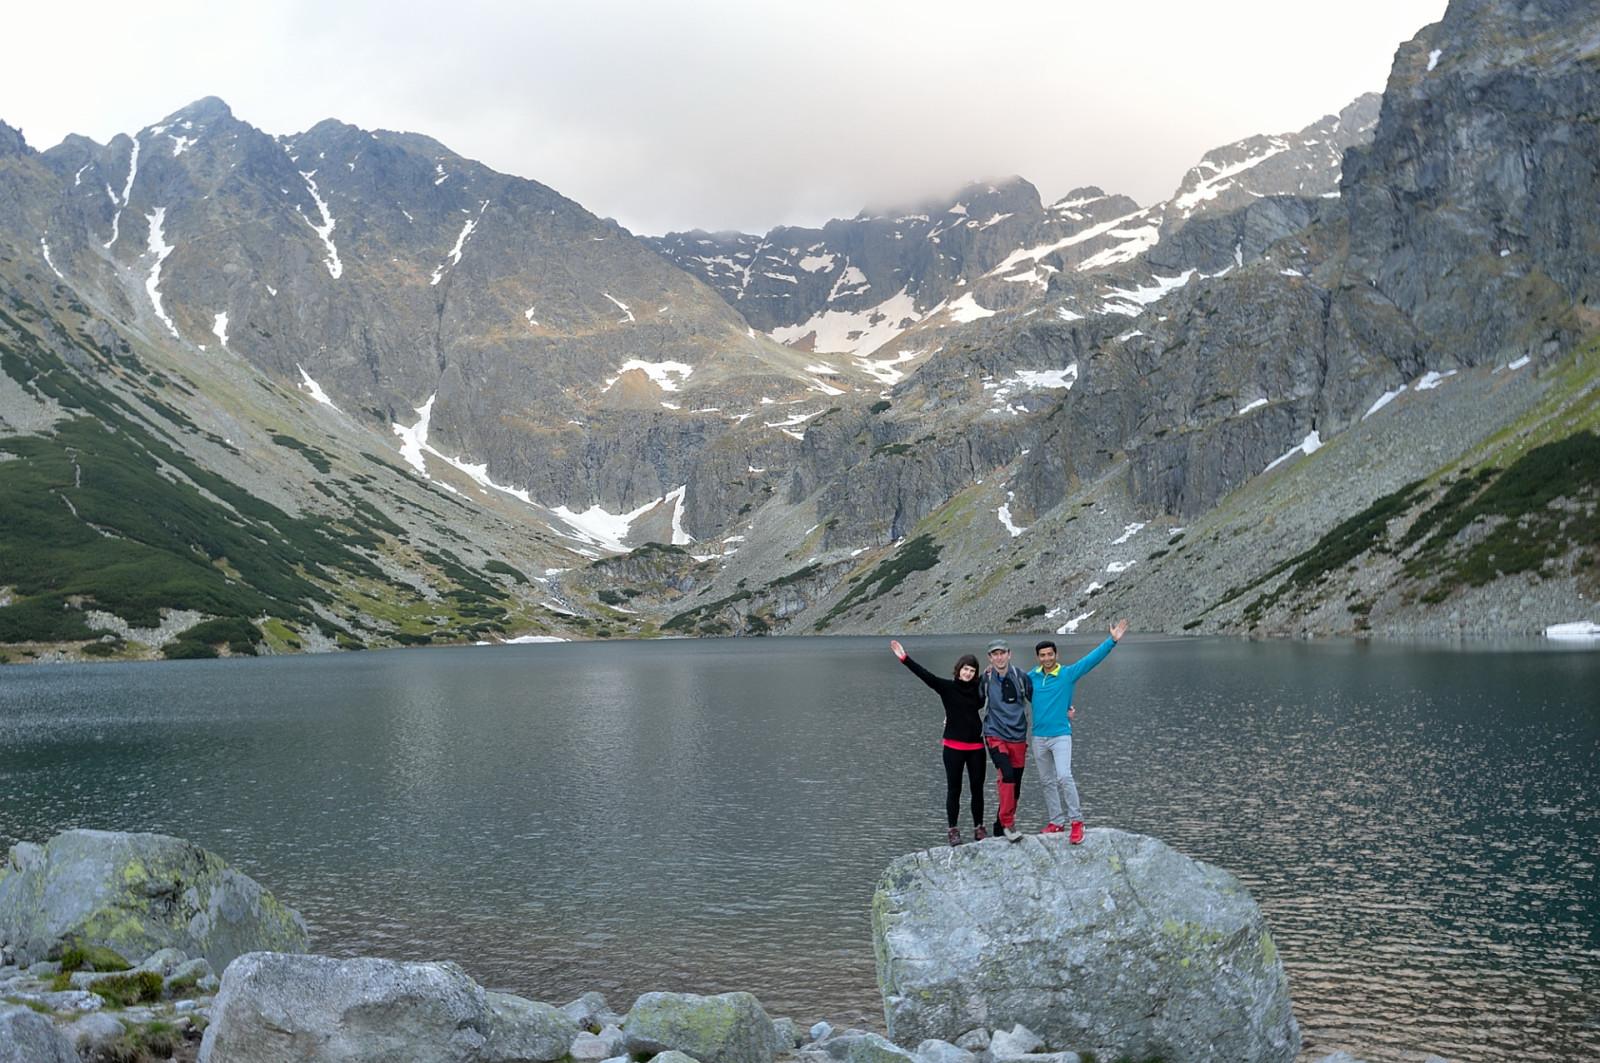 Two days in Tatras: Black Pond Gasienicowy